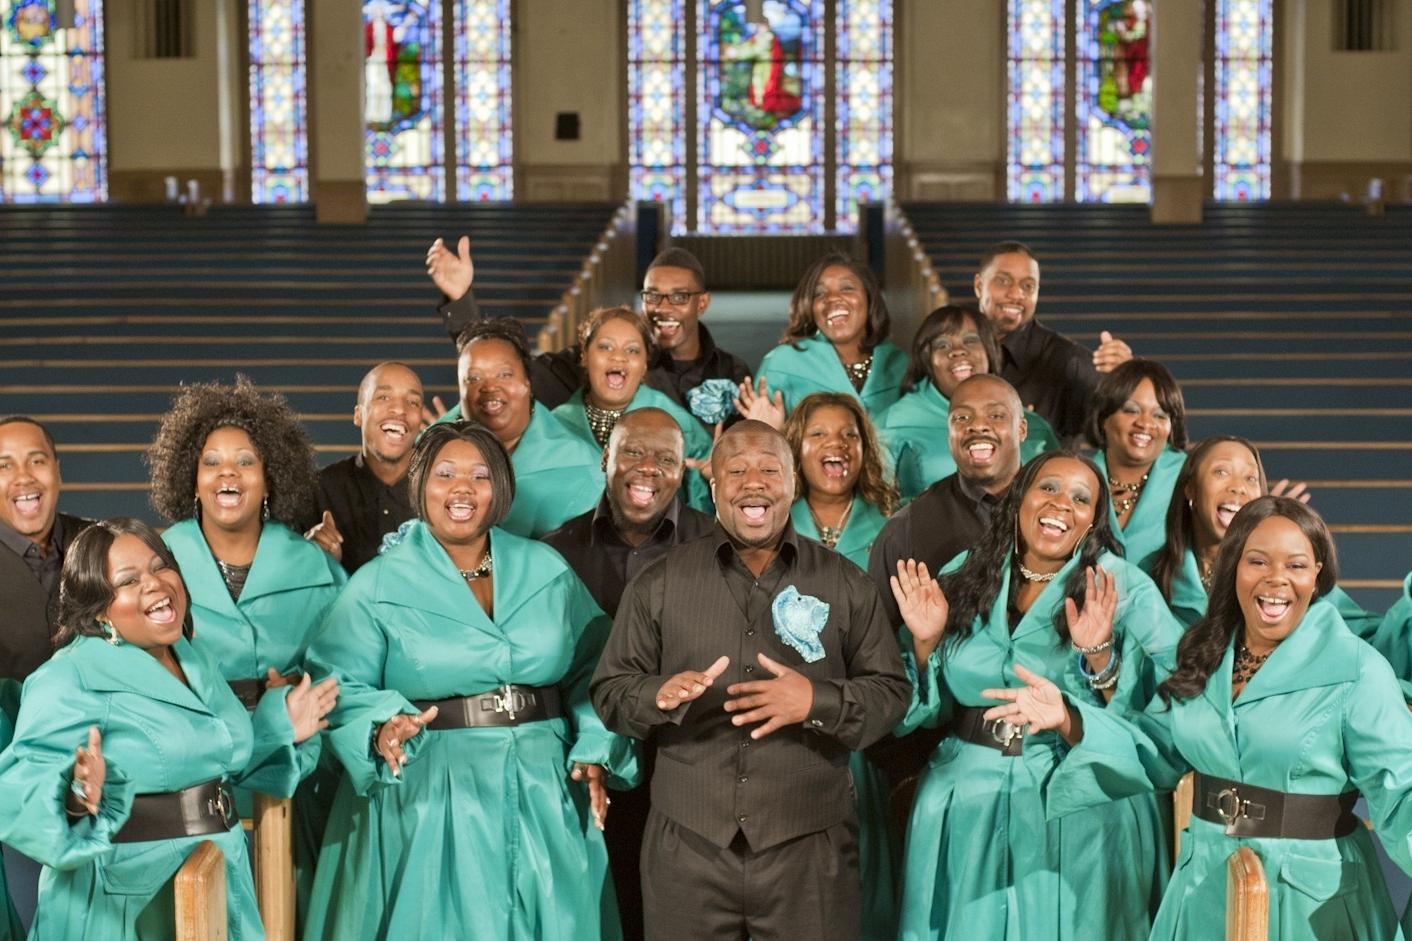 Larry Callahan & Selected of God Choir